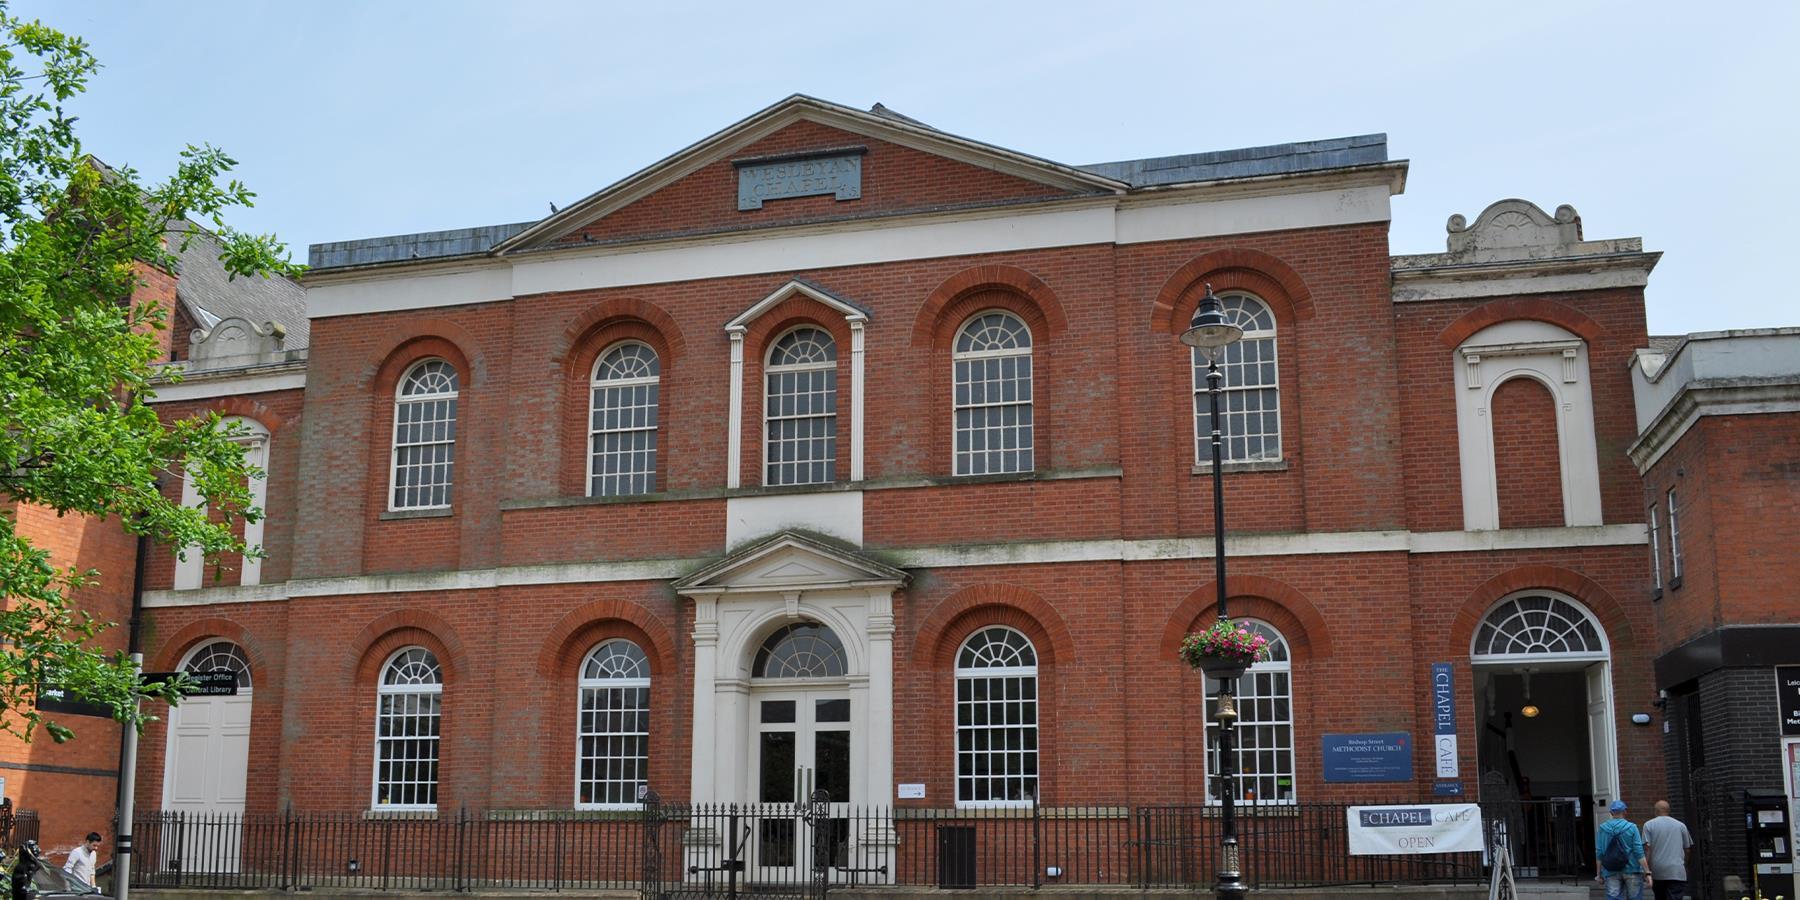 Bishop Street Methodist Church